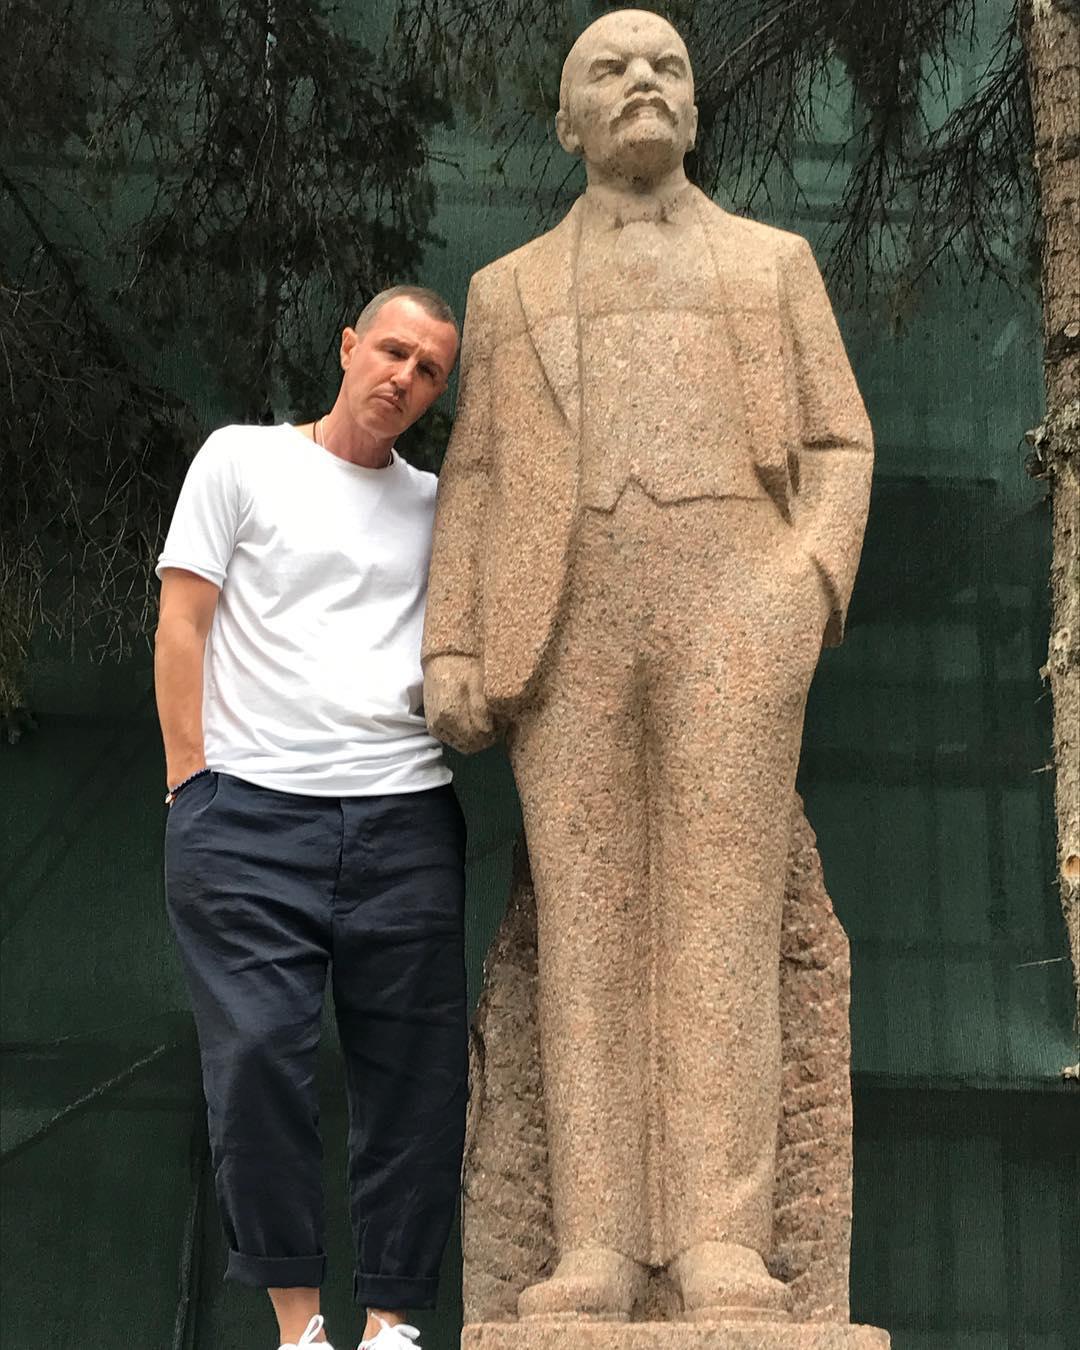 Игорь Верник впервые честно признался, с кем живет и показал, чем занимается по вечерам дома